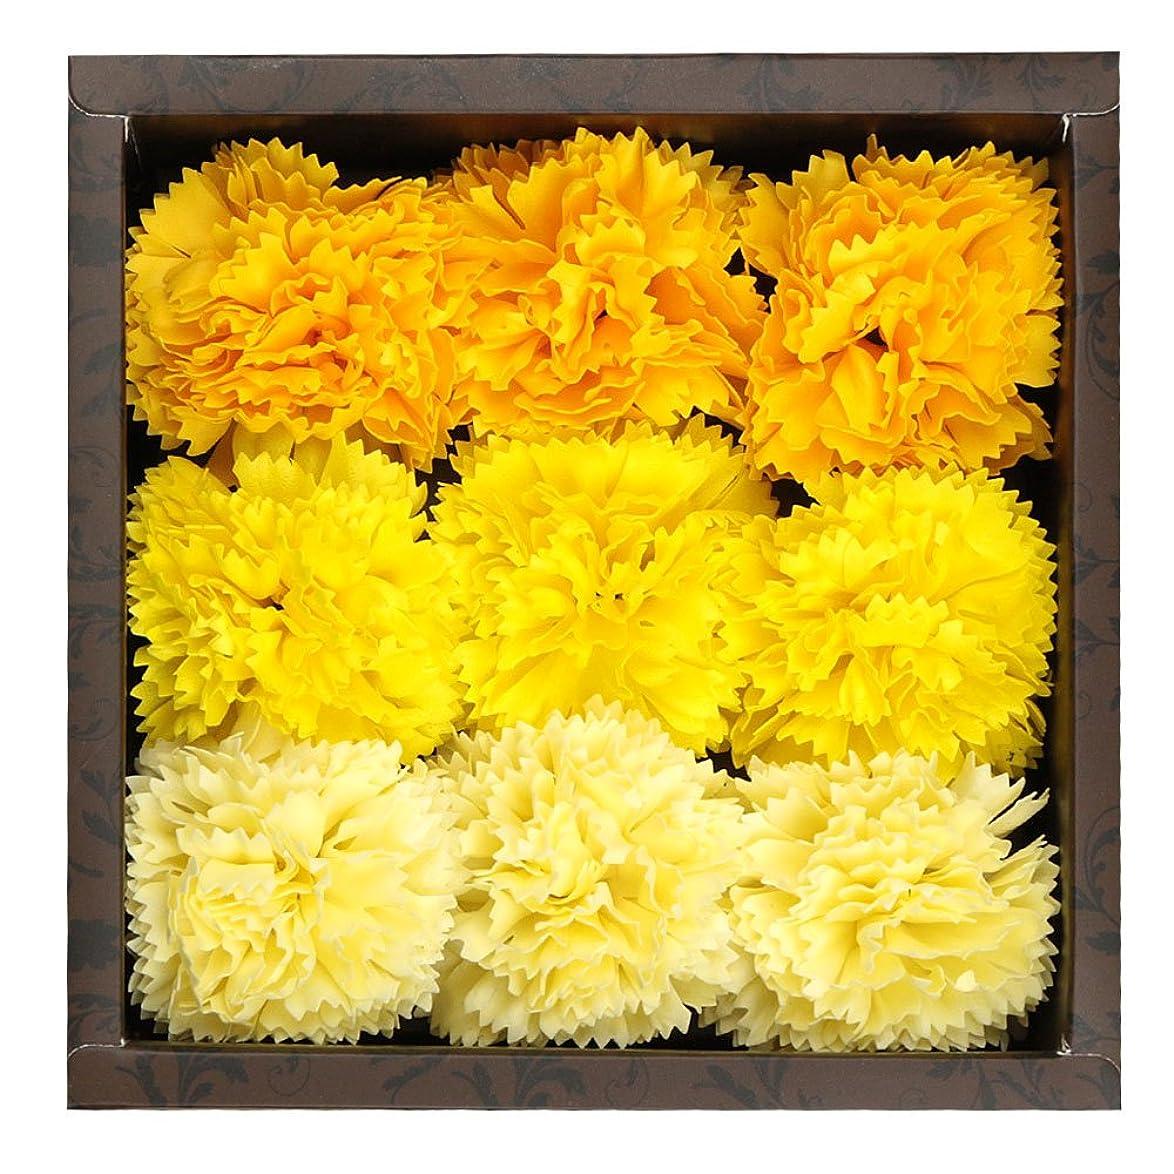 軽量親列車(キステ)Kisste 入浴剤 フラワーフレグランス*Carnation*~石鹸の香り~ 5-3-01955